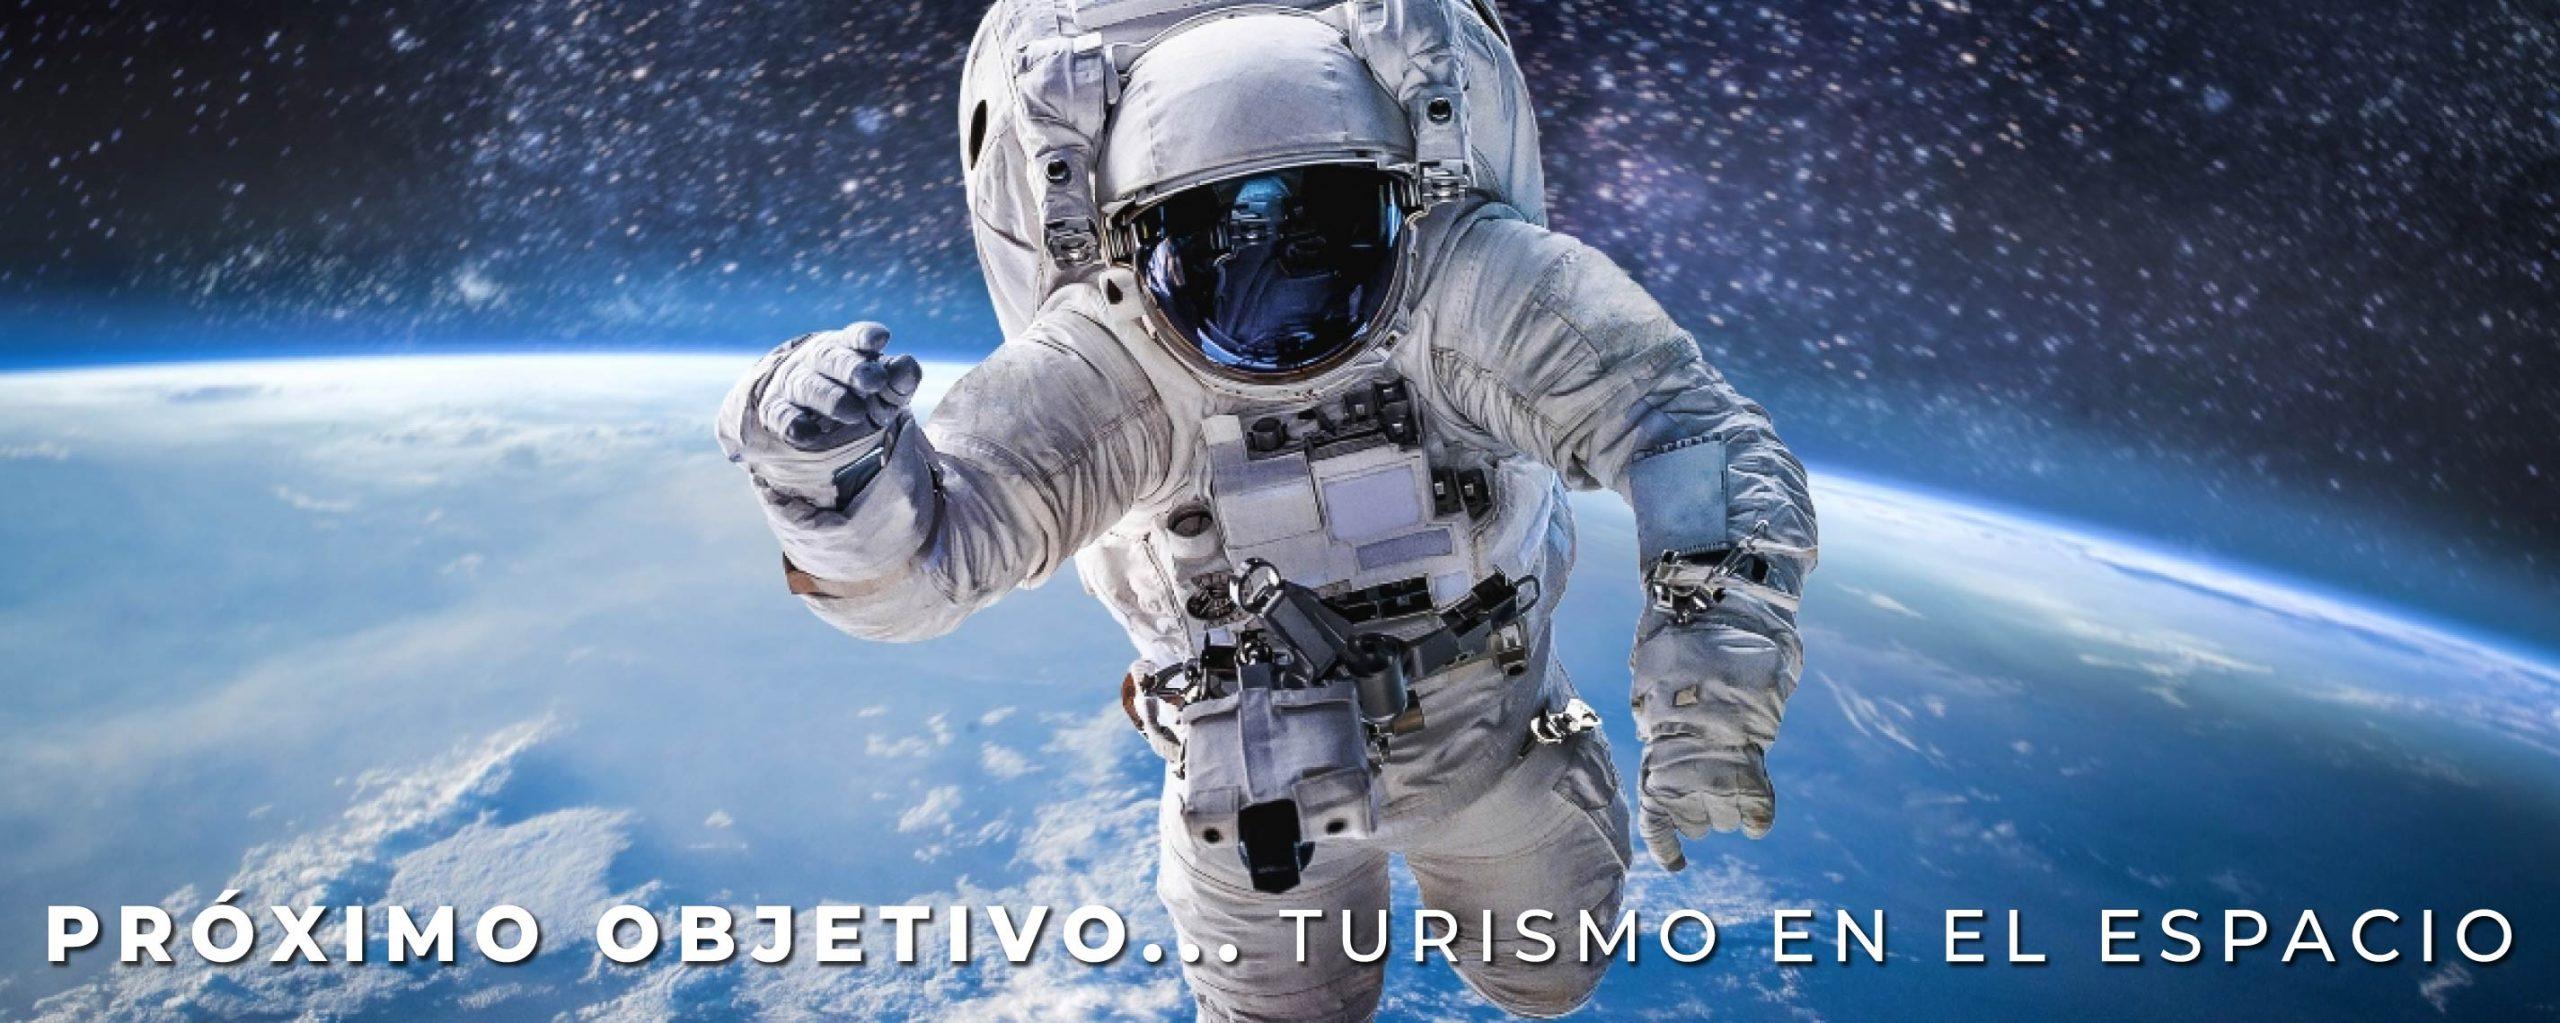 TurismoEspacial_Mesa de trabajo 1 copia 6